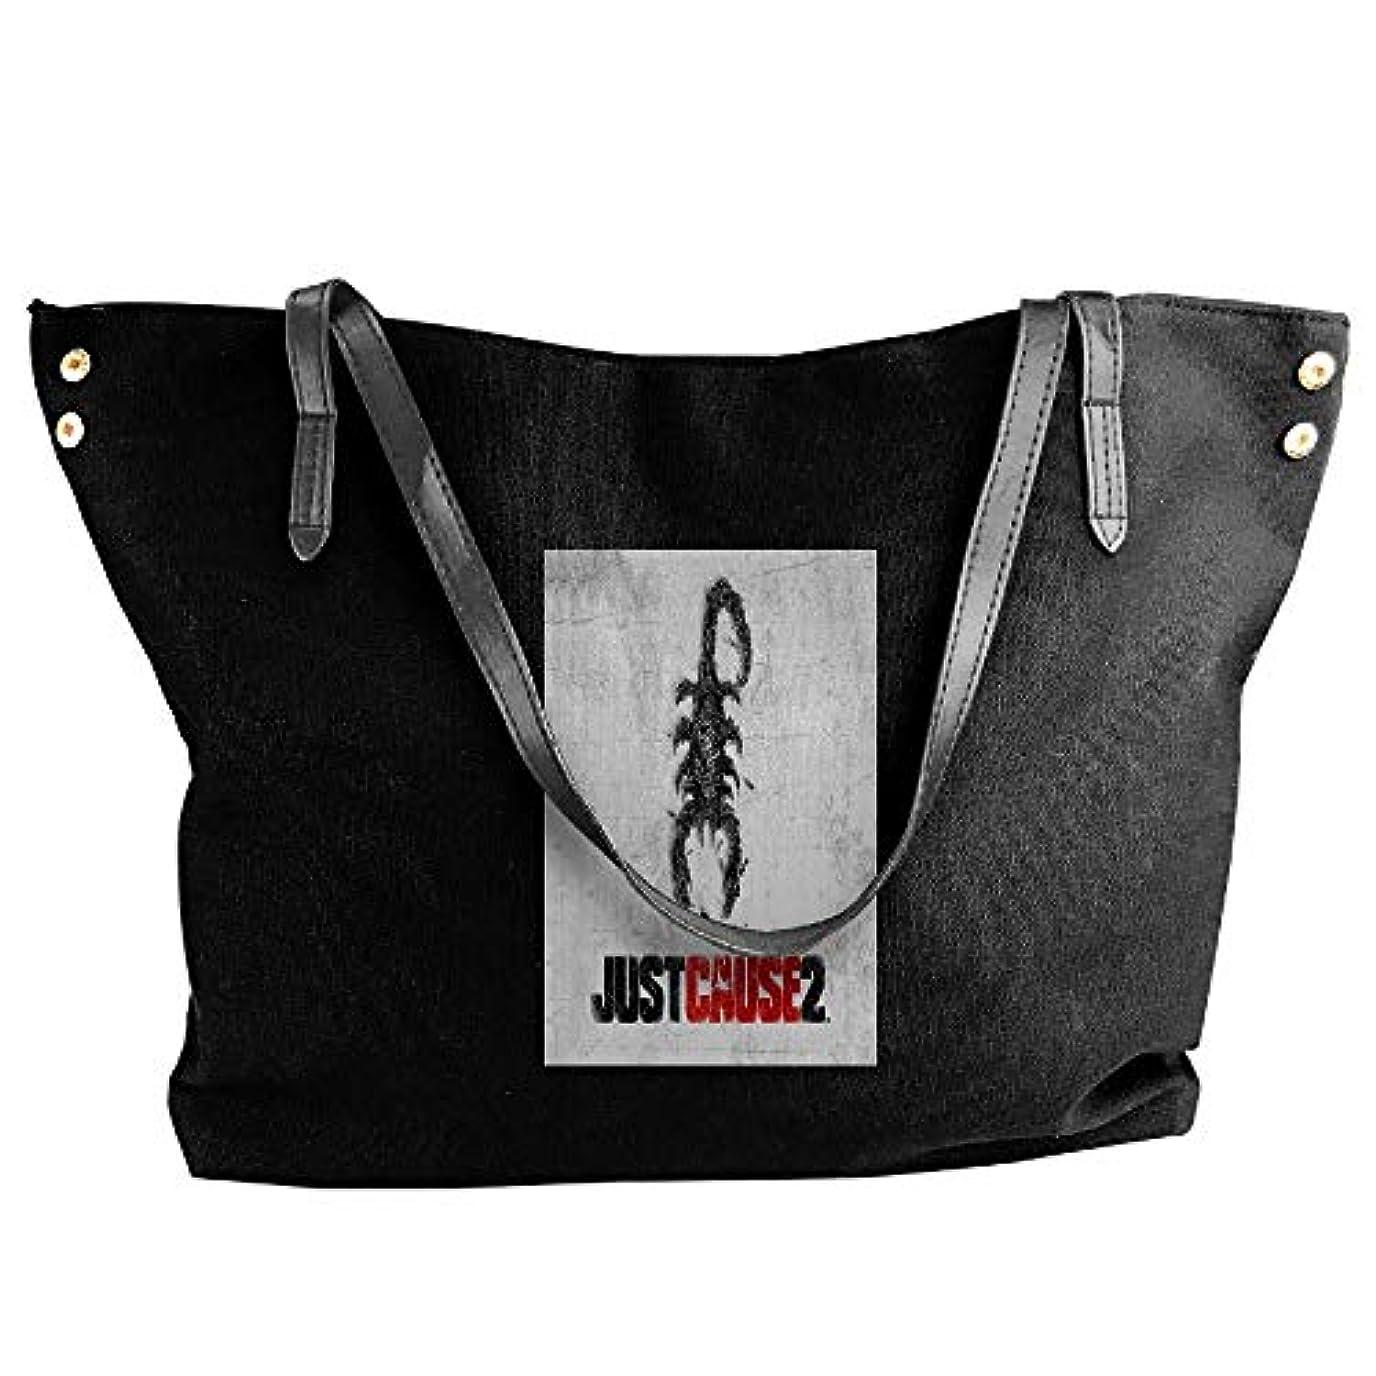 委託思われる四回2019最新レディースバッグ ファッション若い女の子ストリートショッピングキャンバスのショルダーバッグ Just Cause 人気のバッグ 大容量 リュック